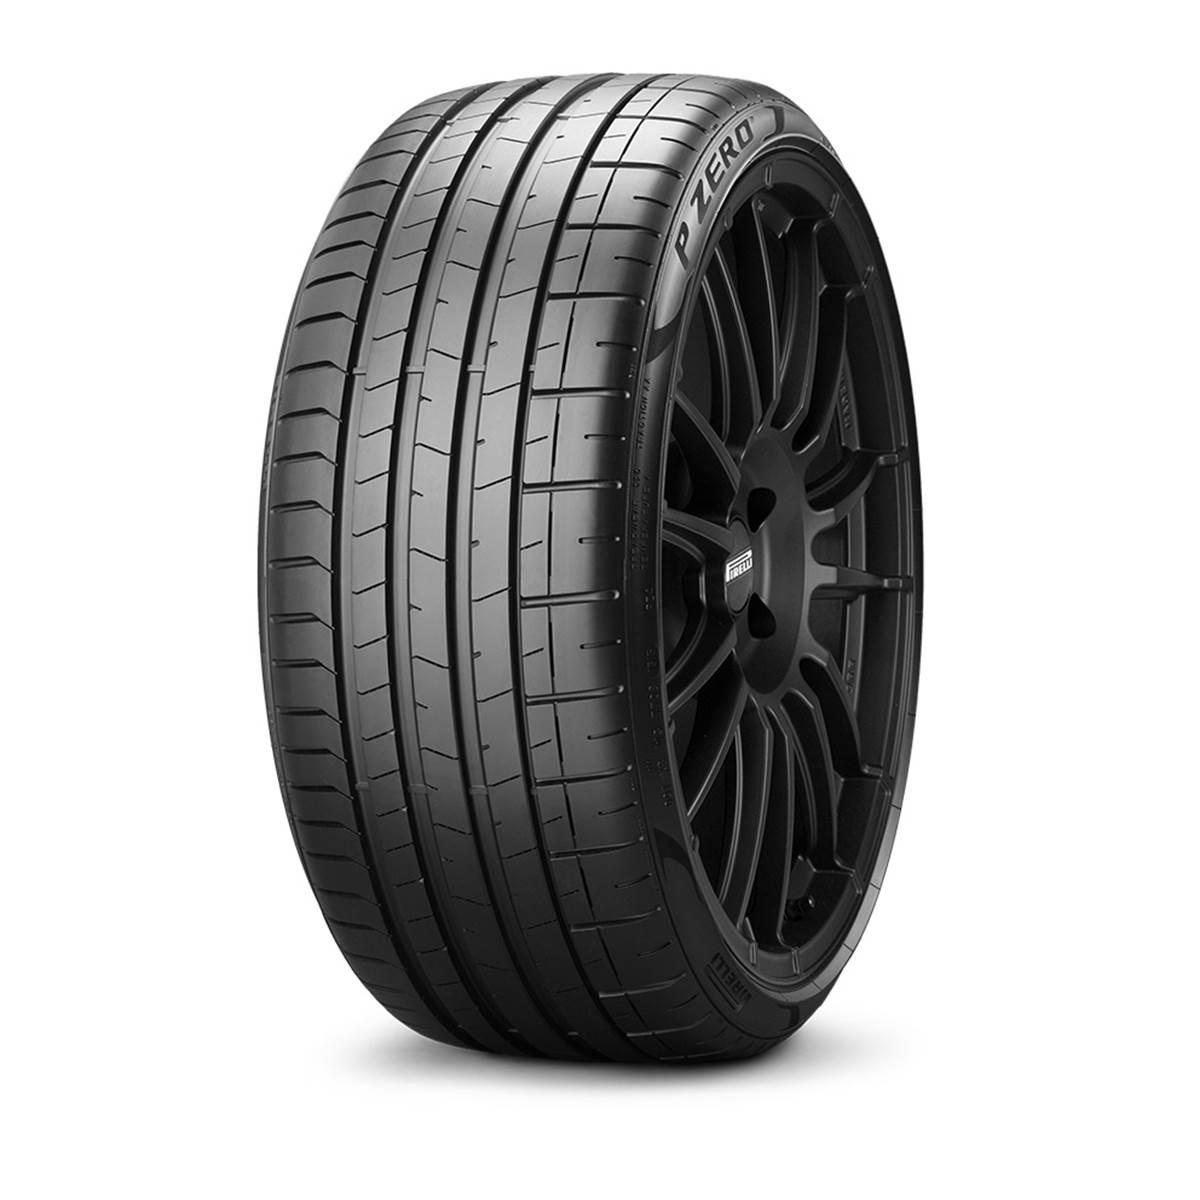 Pneu Pirelli 285/35R20 100Y Pzero